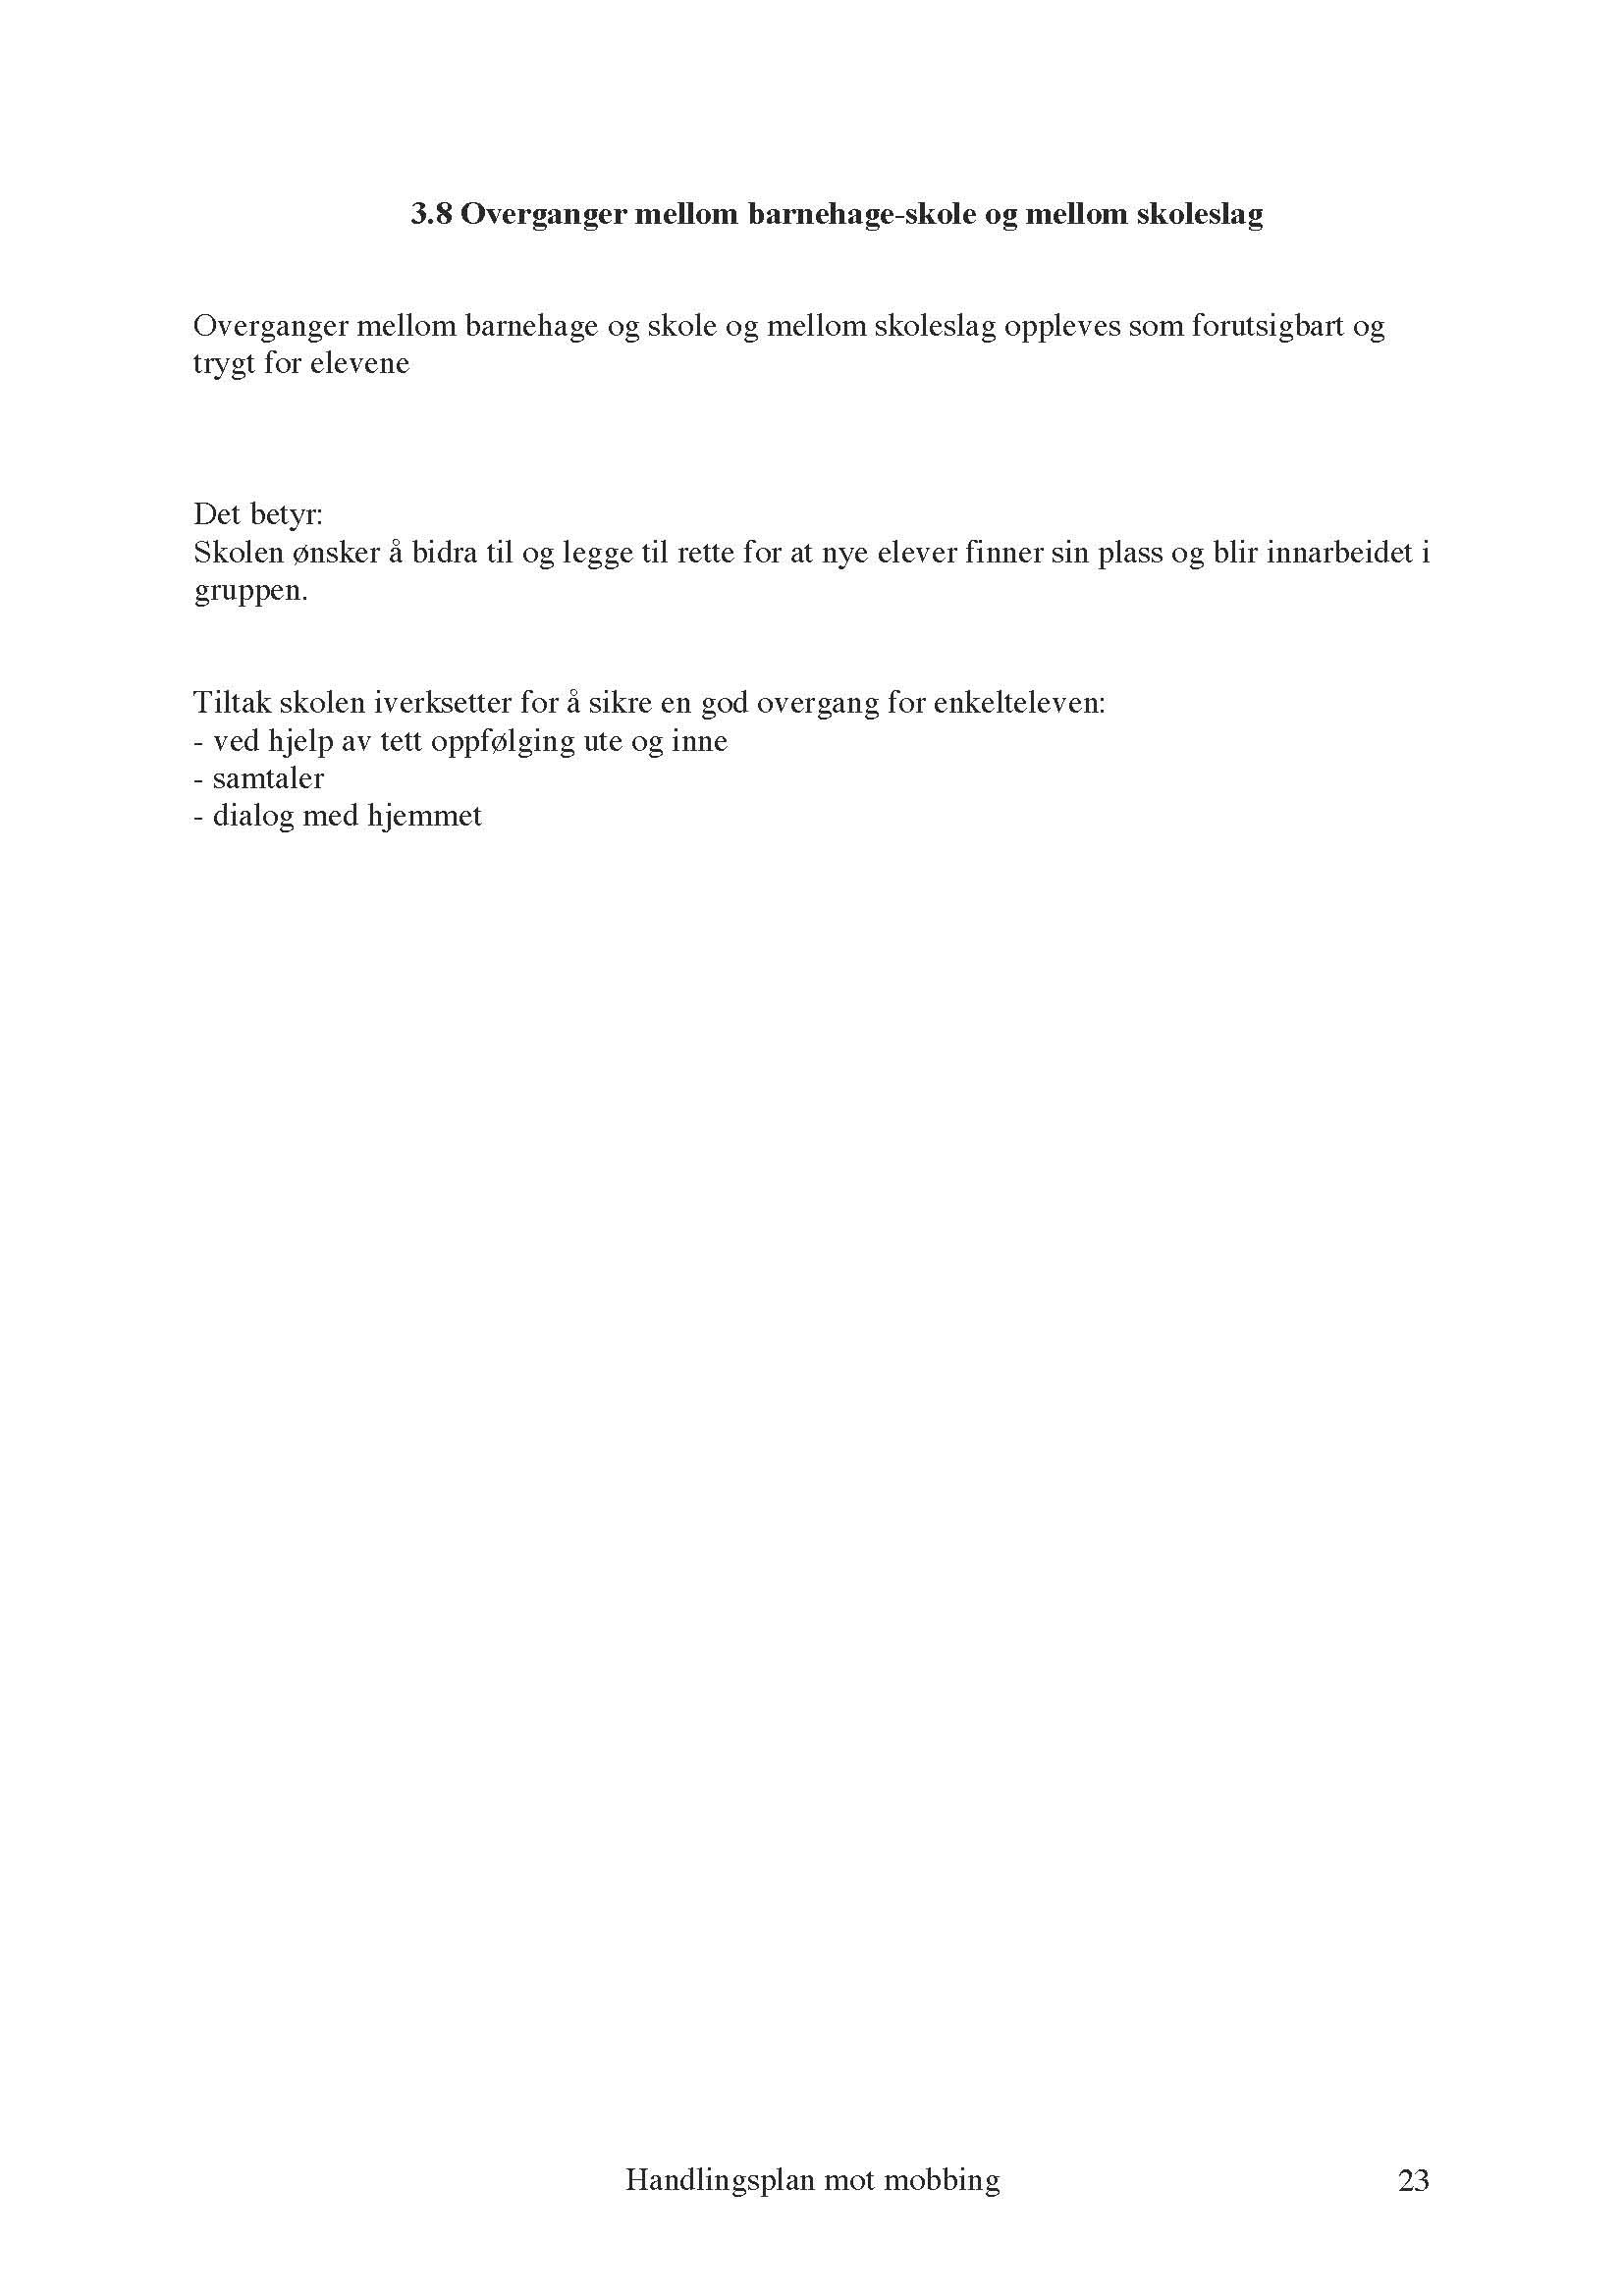 Handlingsplan mot mobbing _Page_23.jpg